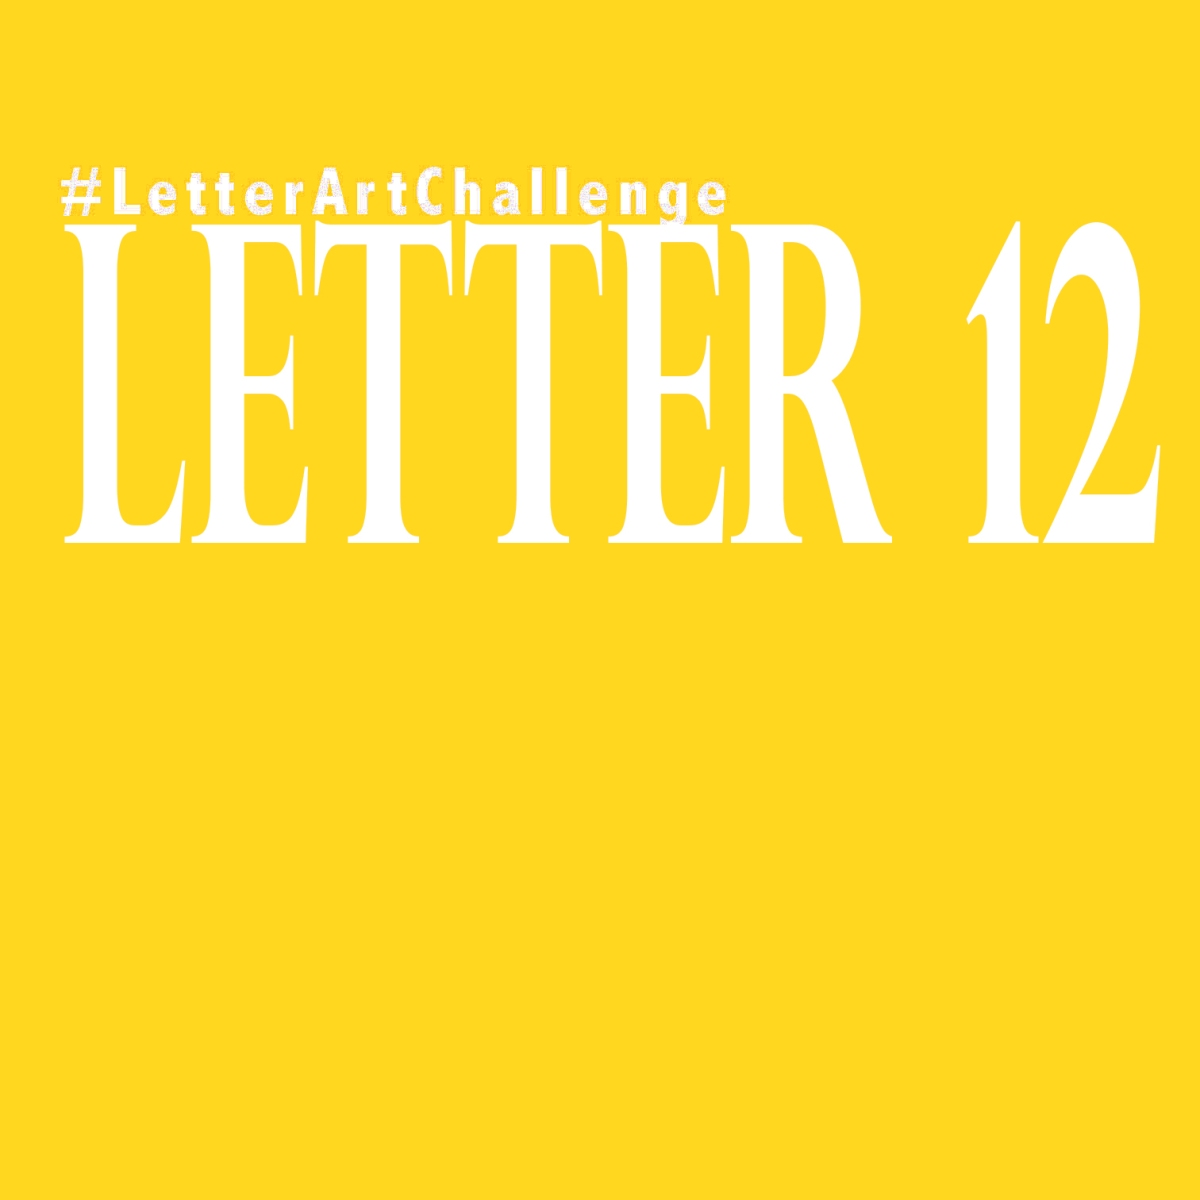 Letter Art Challenge - Letter 12